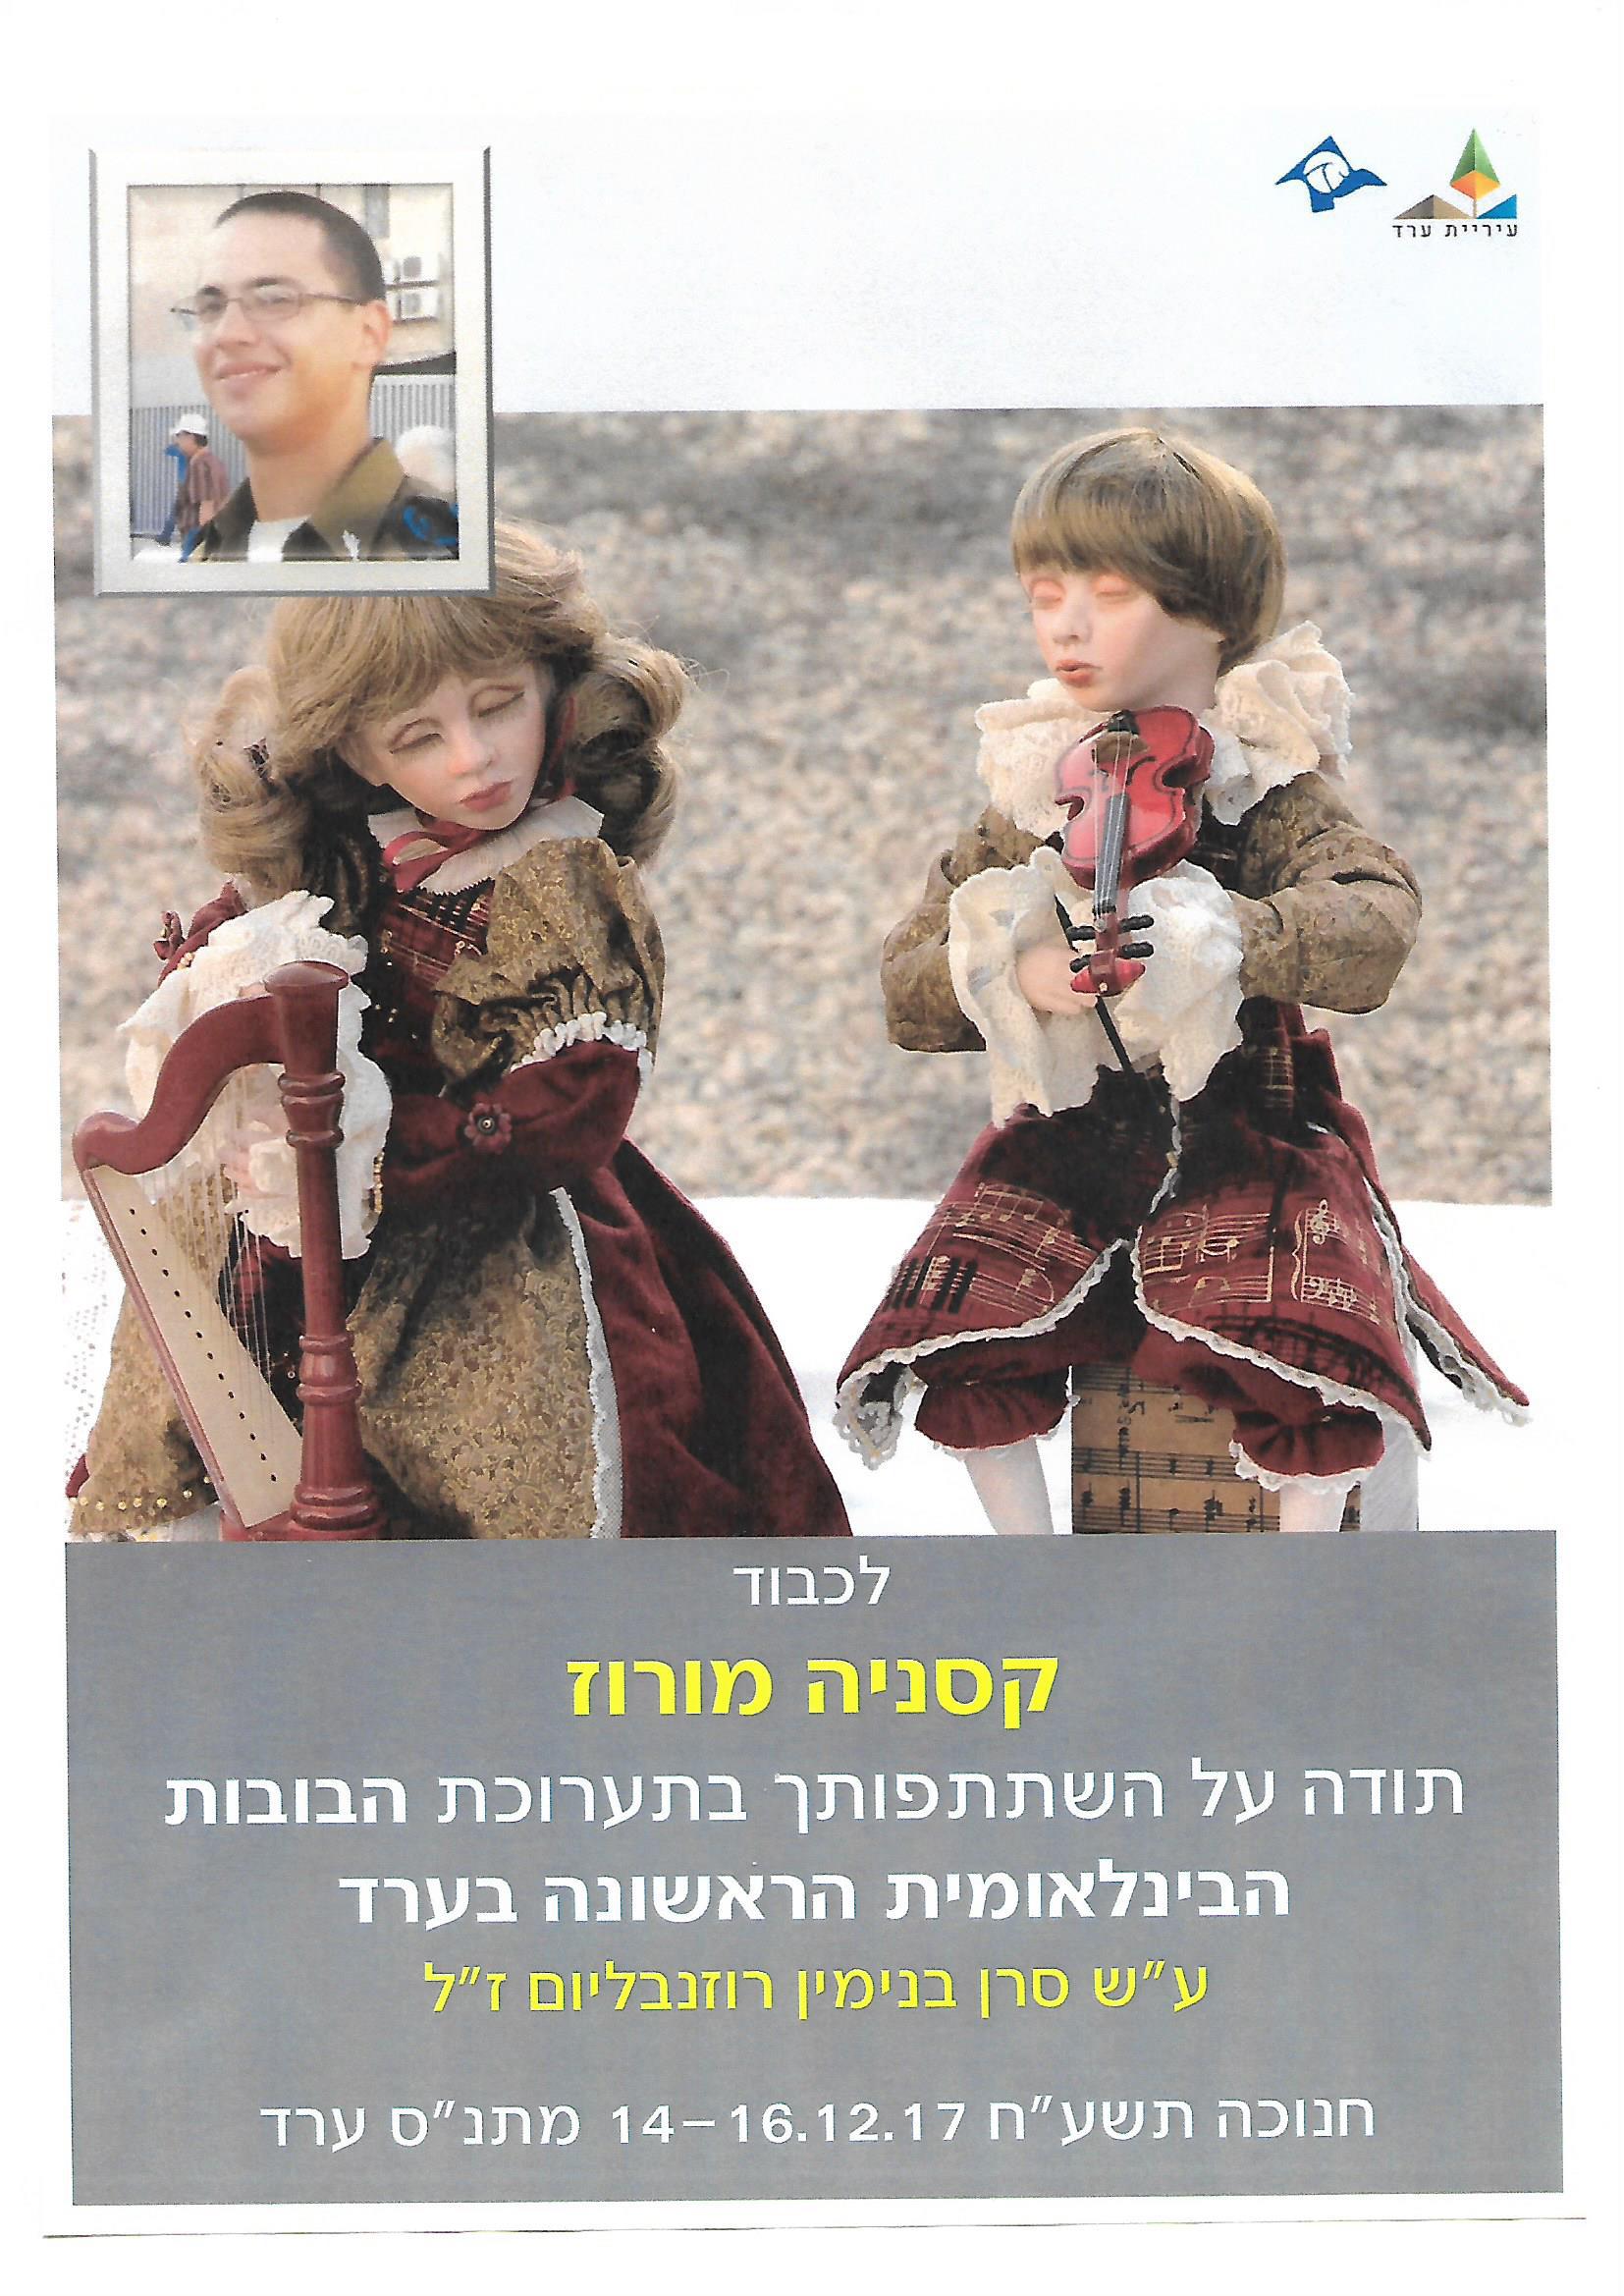 Arad 2017/ Israel